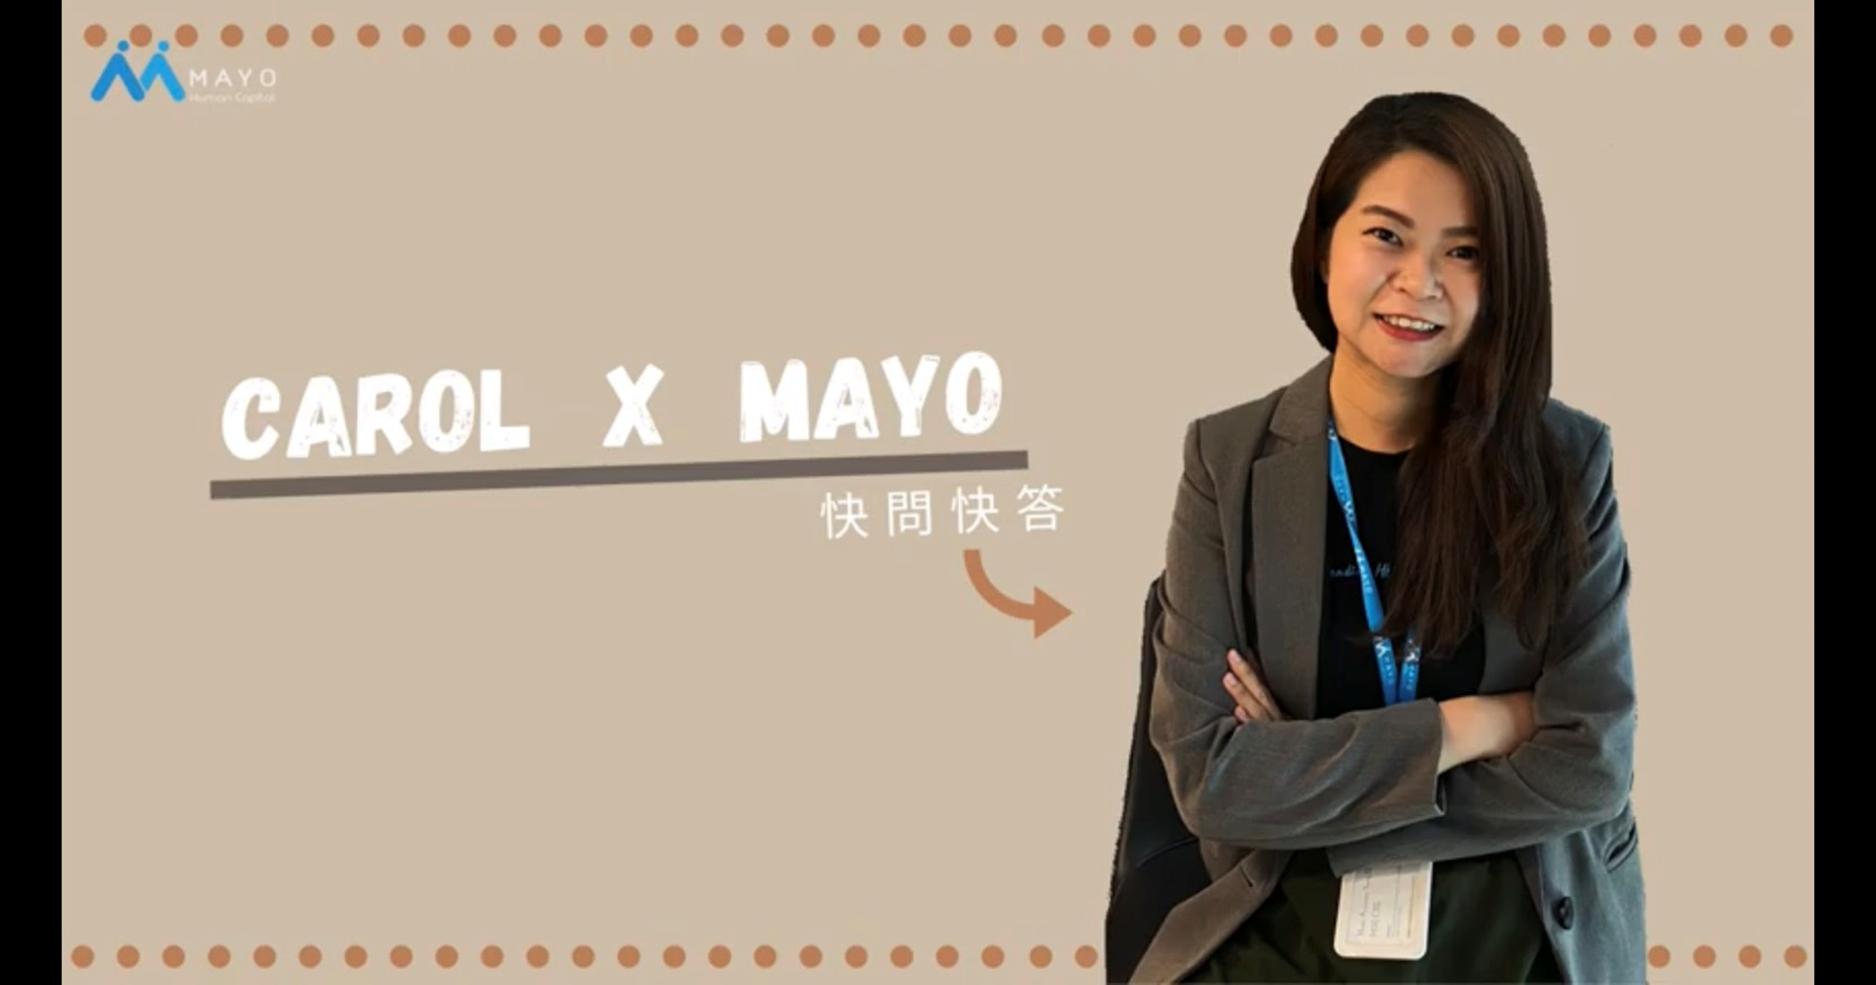 看行銷人勇闖人資圈的故事,MAYO 不只是人資系統公司